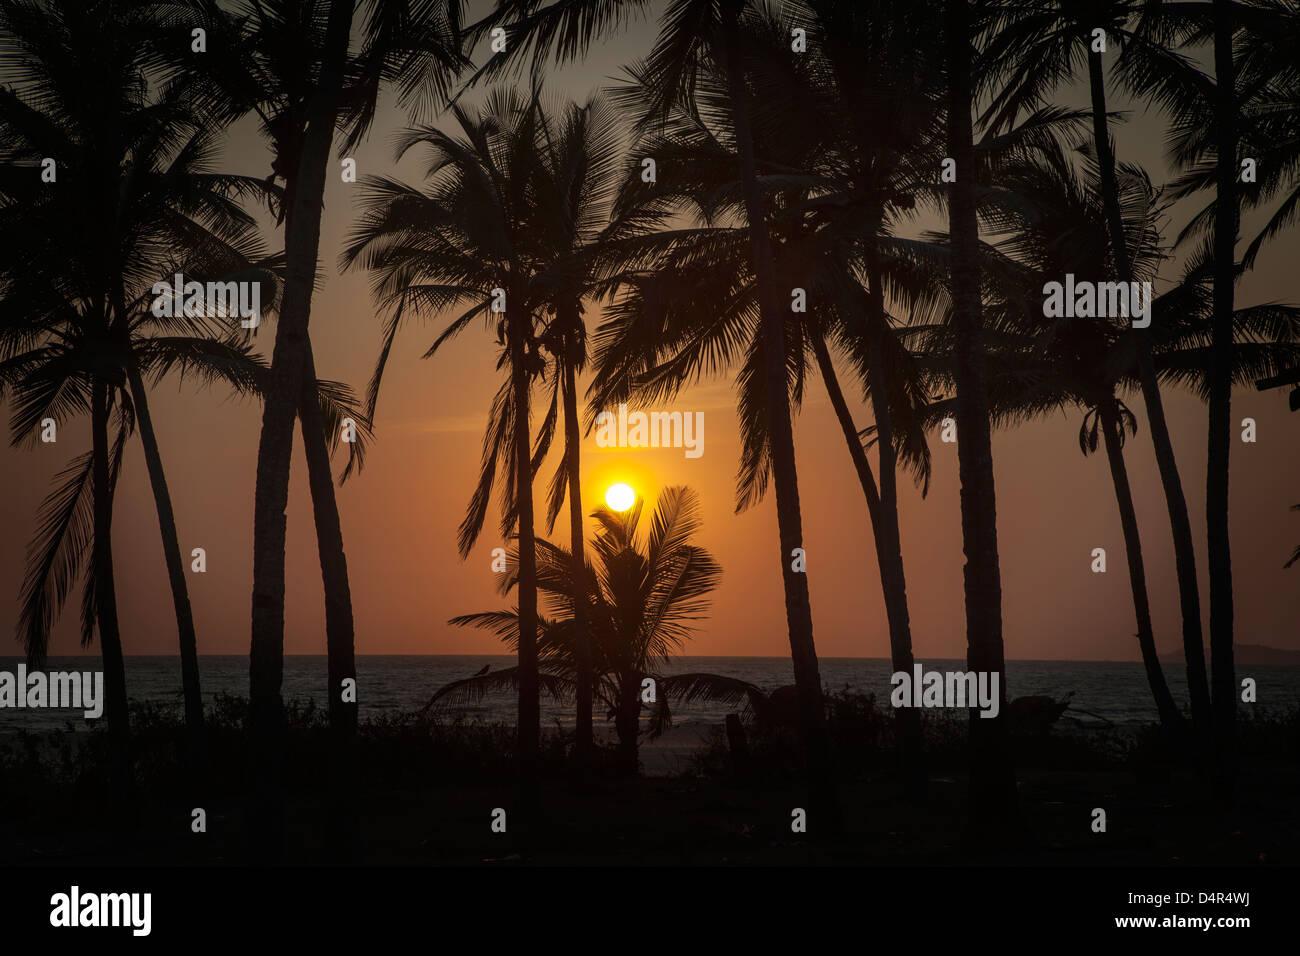 Sonnenuntergang am Arossim Beach, Süd-Goa, Indien. Palmen, die Silhouette. Stockbild